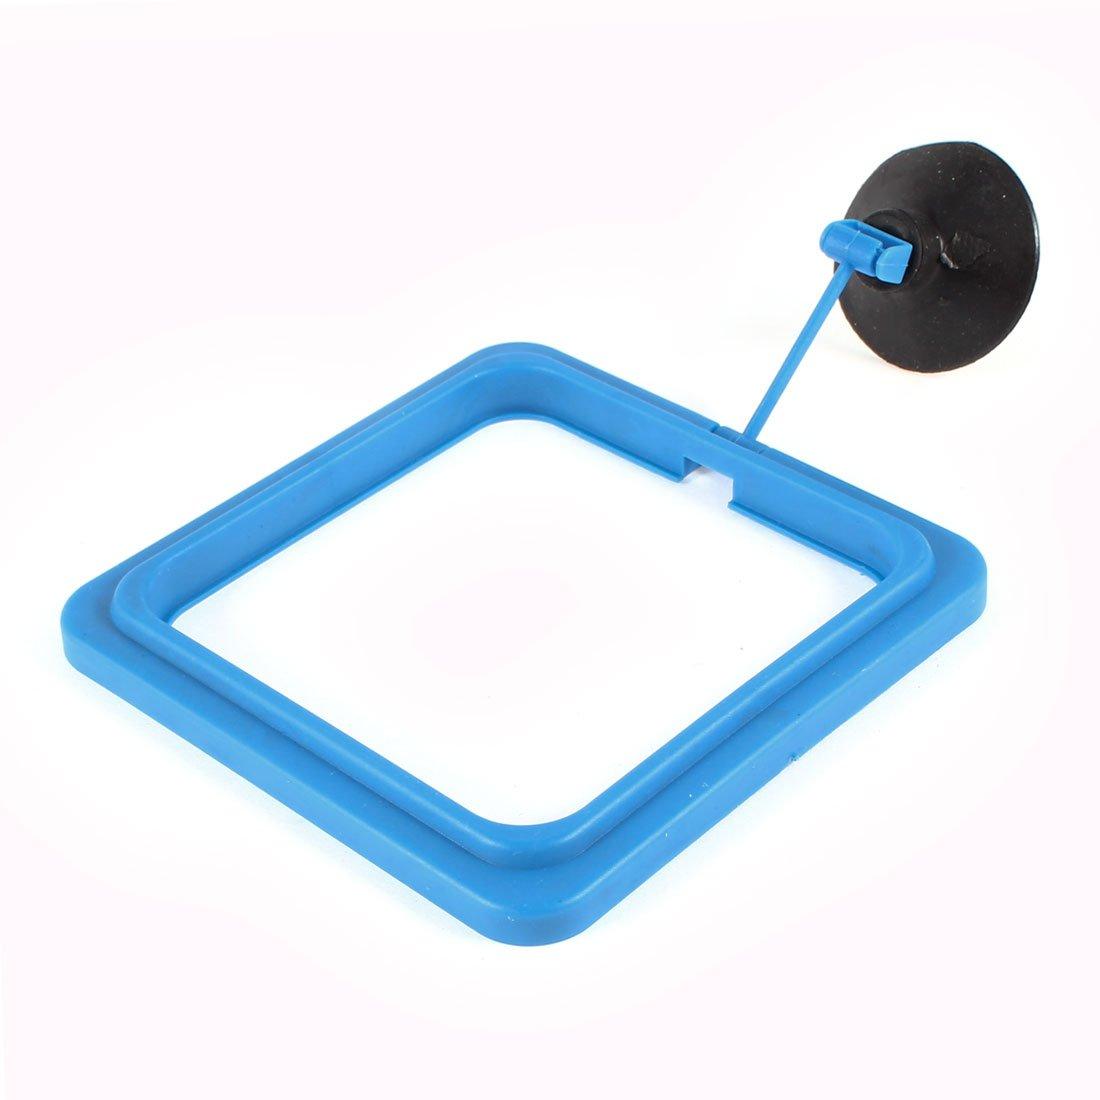 Aquarium Fish Food Feeder Feeding Ring Black Blue w Suction Cup Sourcingmap a14030700ux0777